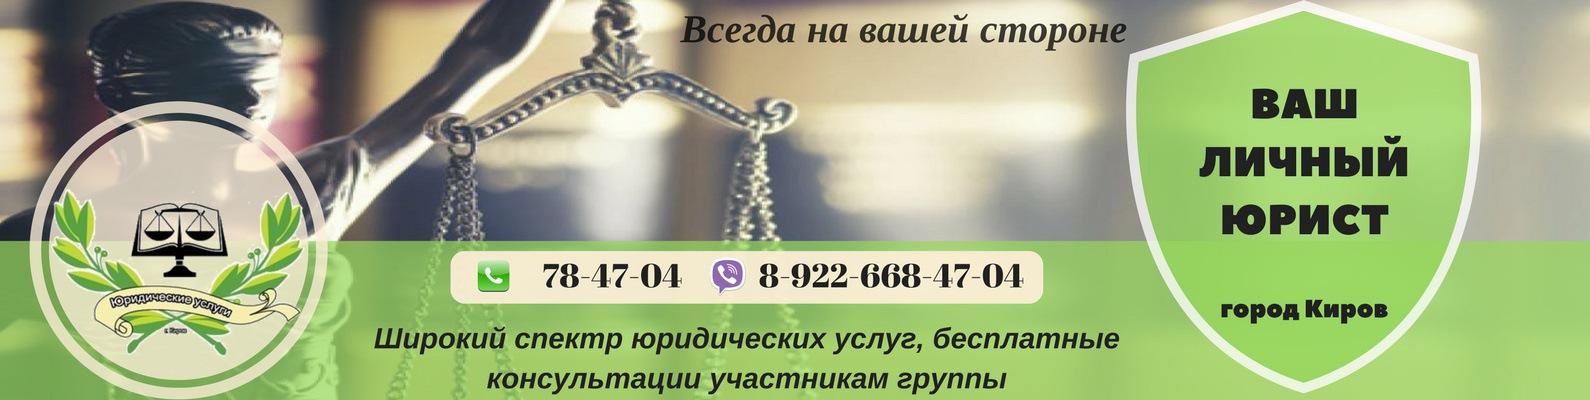 его бесплатные консультации юрист киров могу